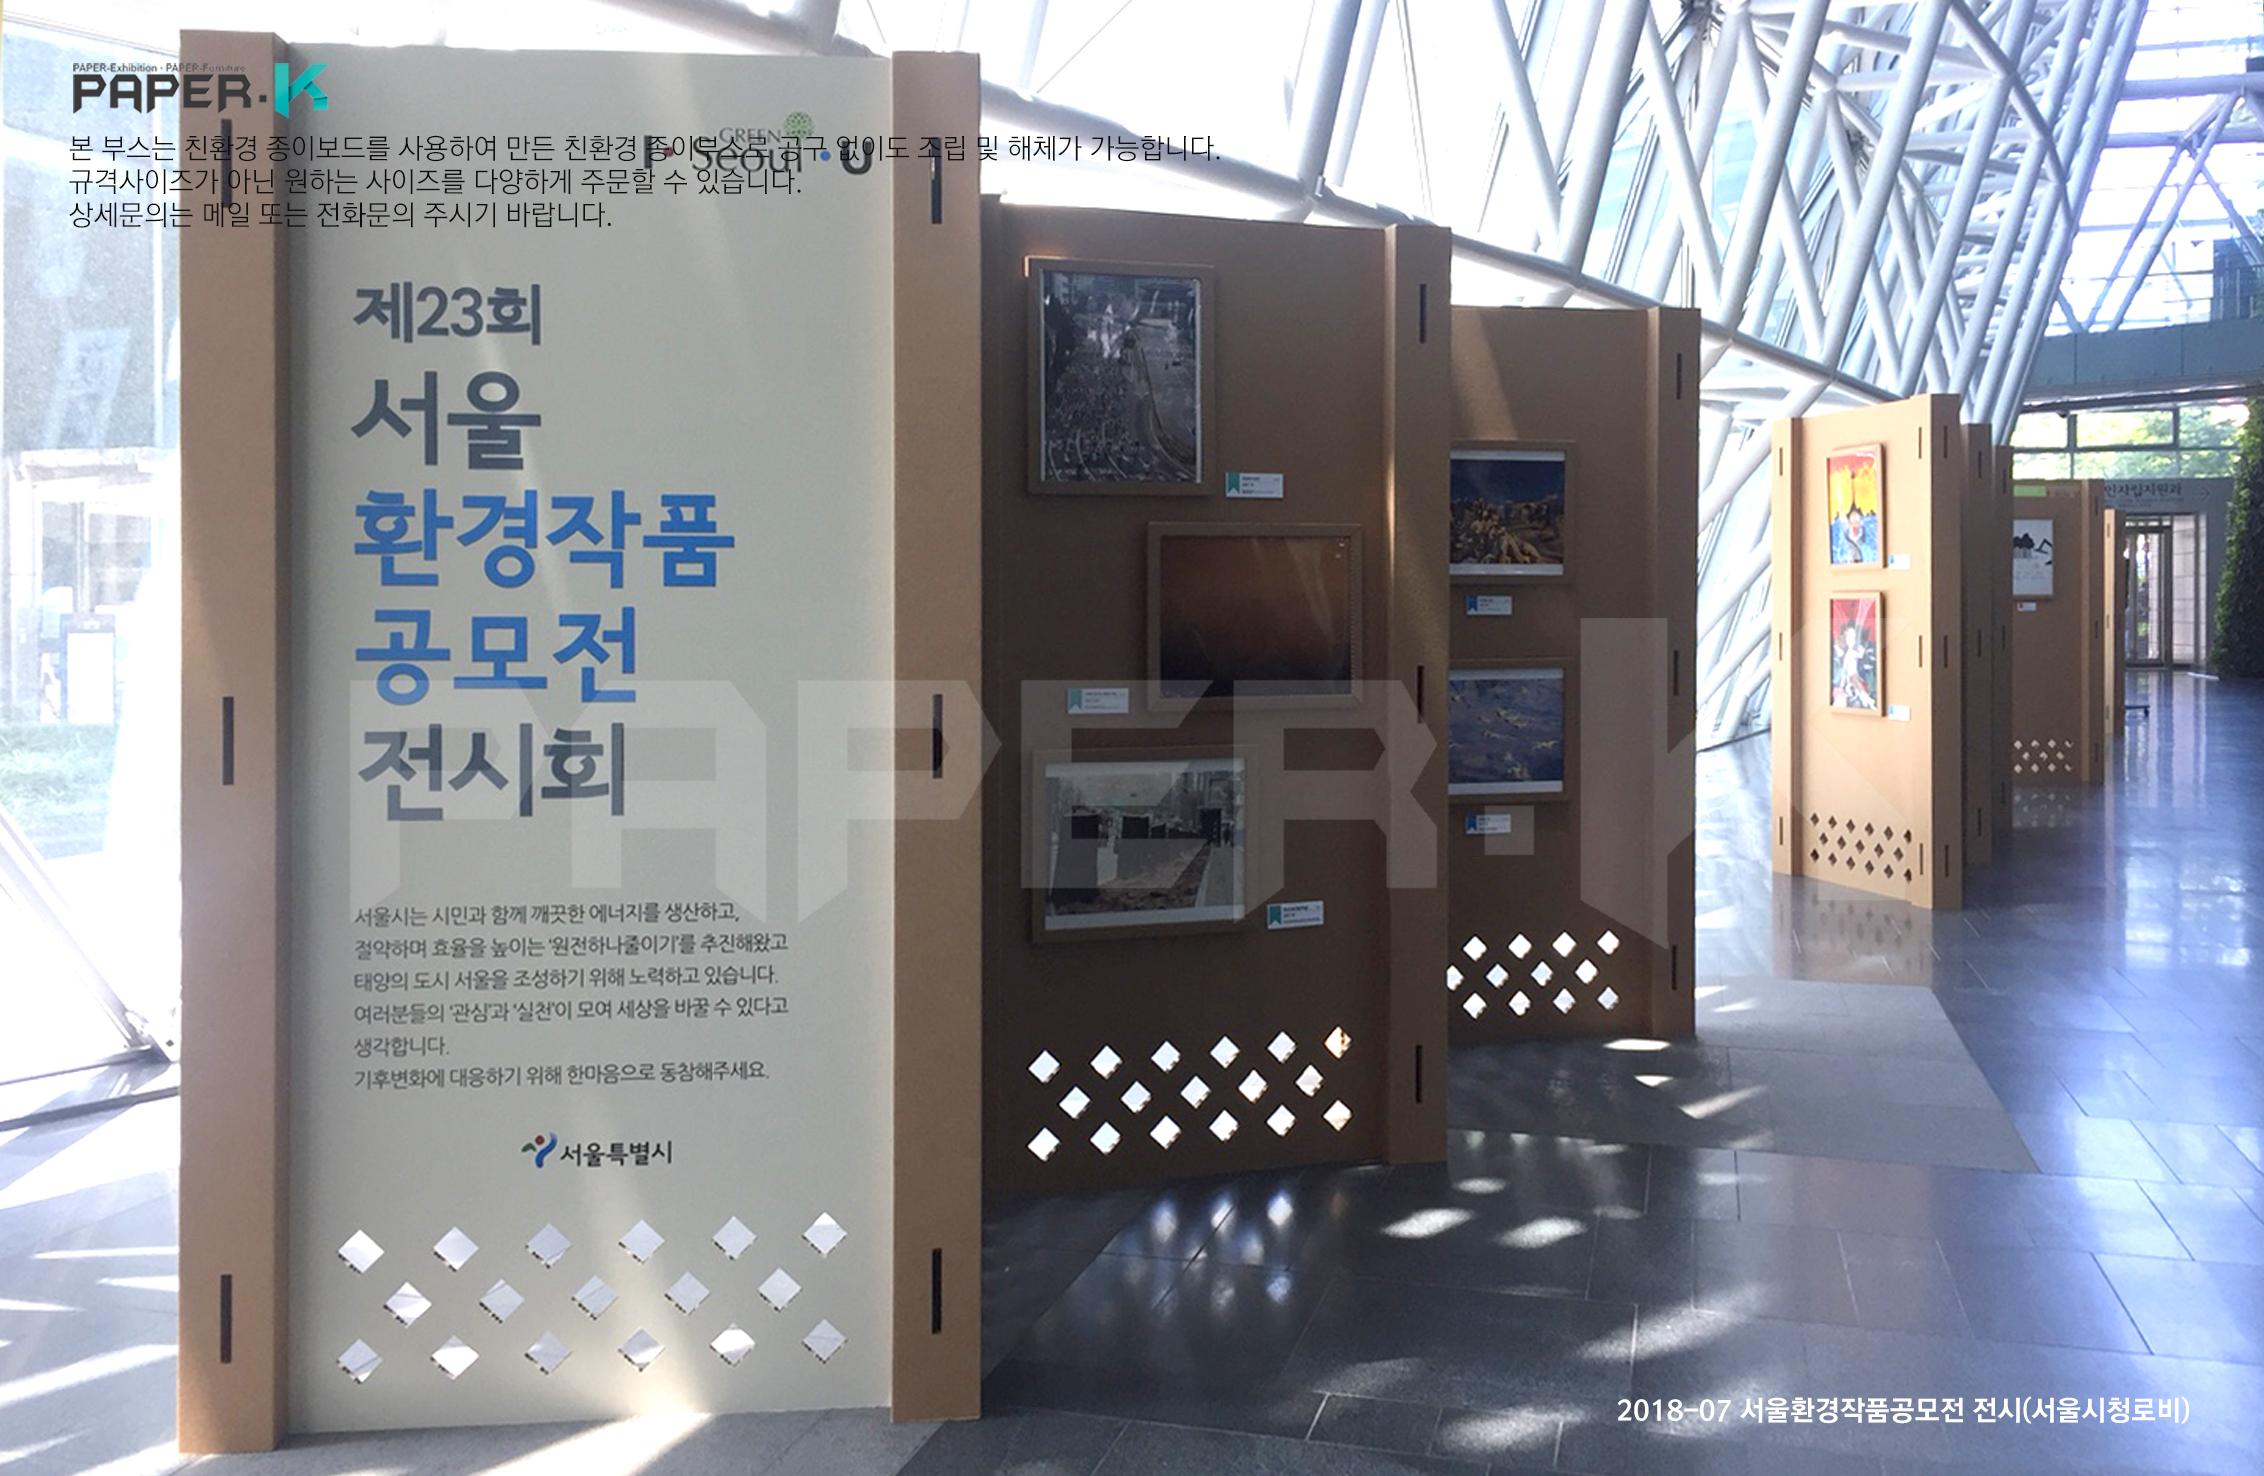 201807-서울환경작품공모전 전시(서울시청로비)-1